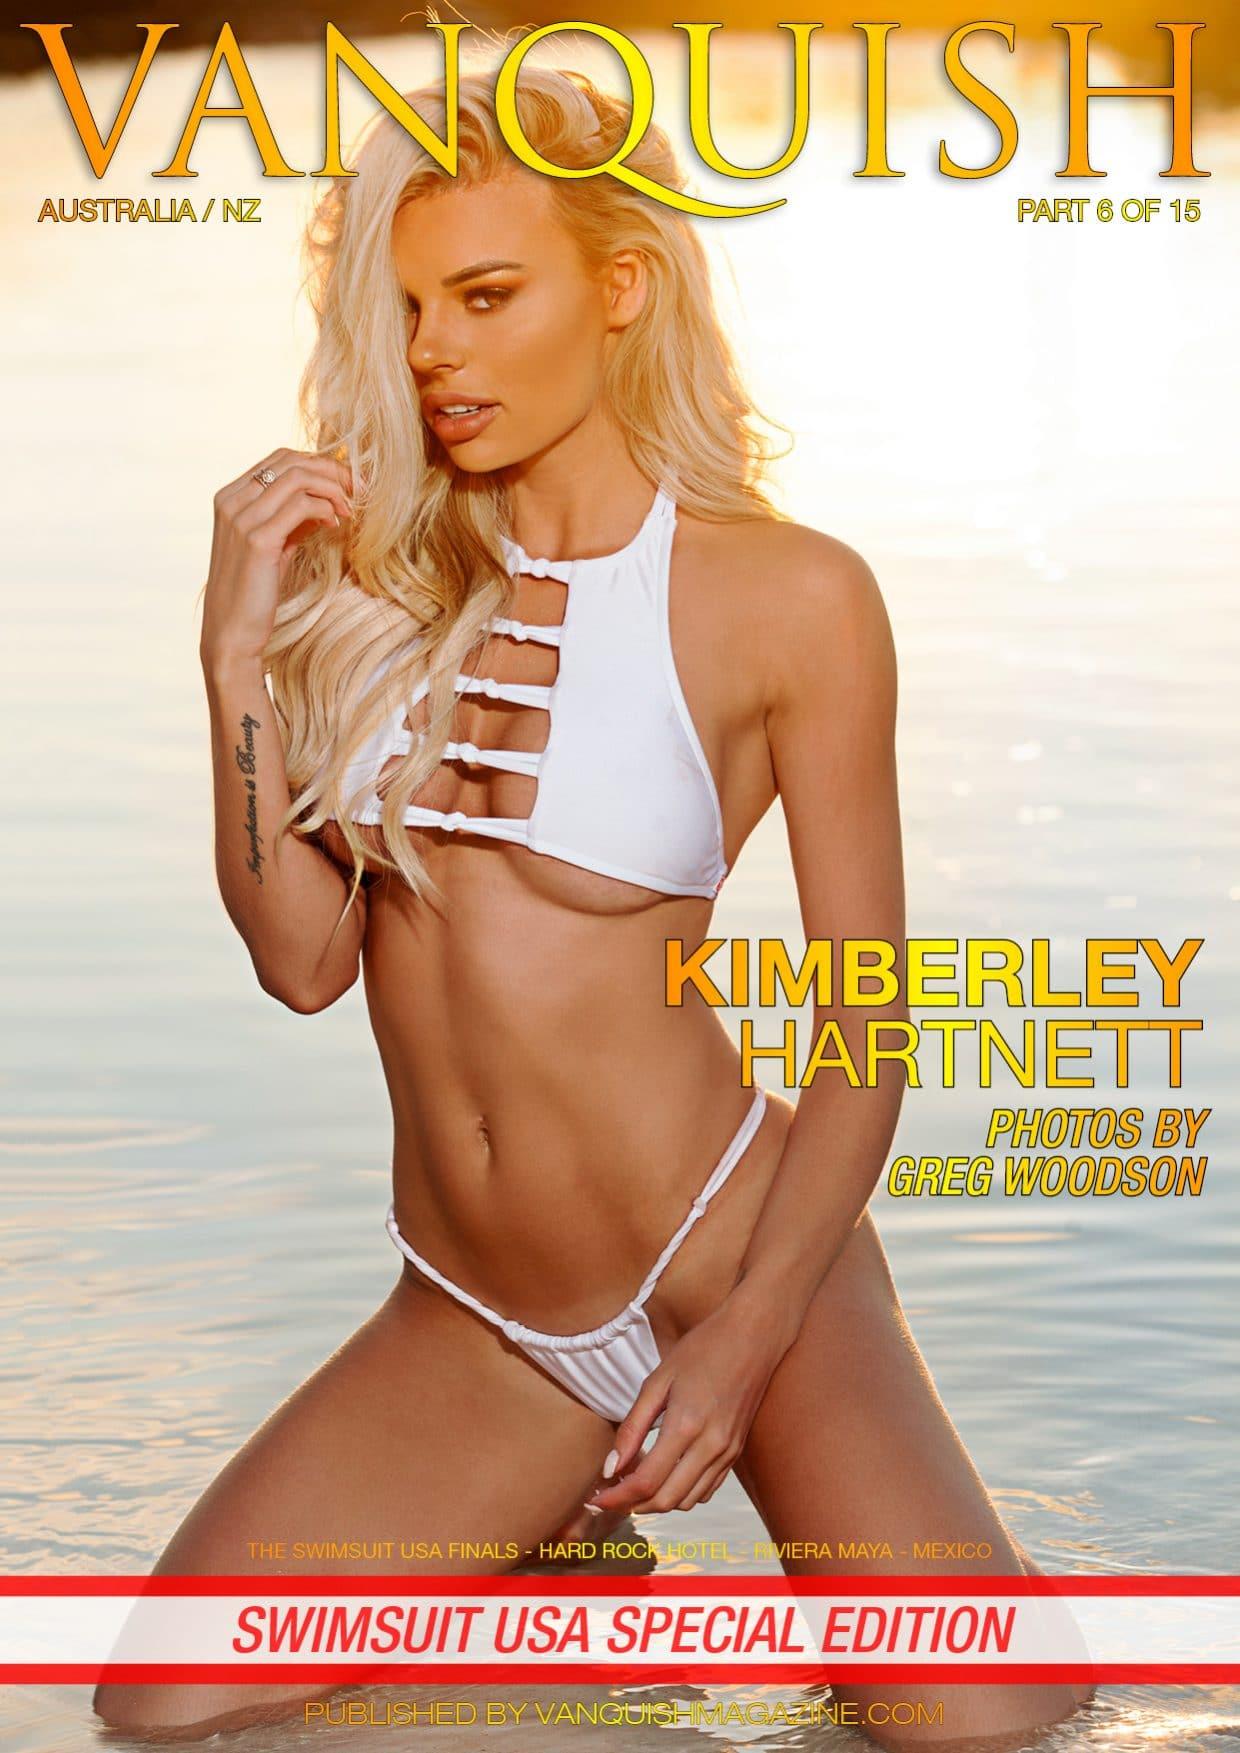 Vanquish Magazine - Swimsuit USA - Part 6 - Kimberley Hartnett 1